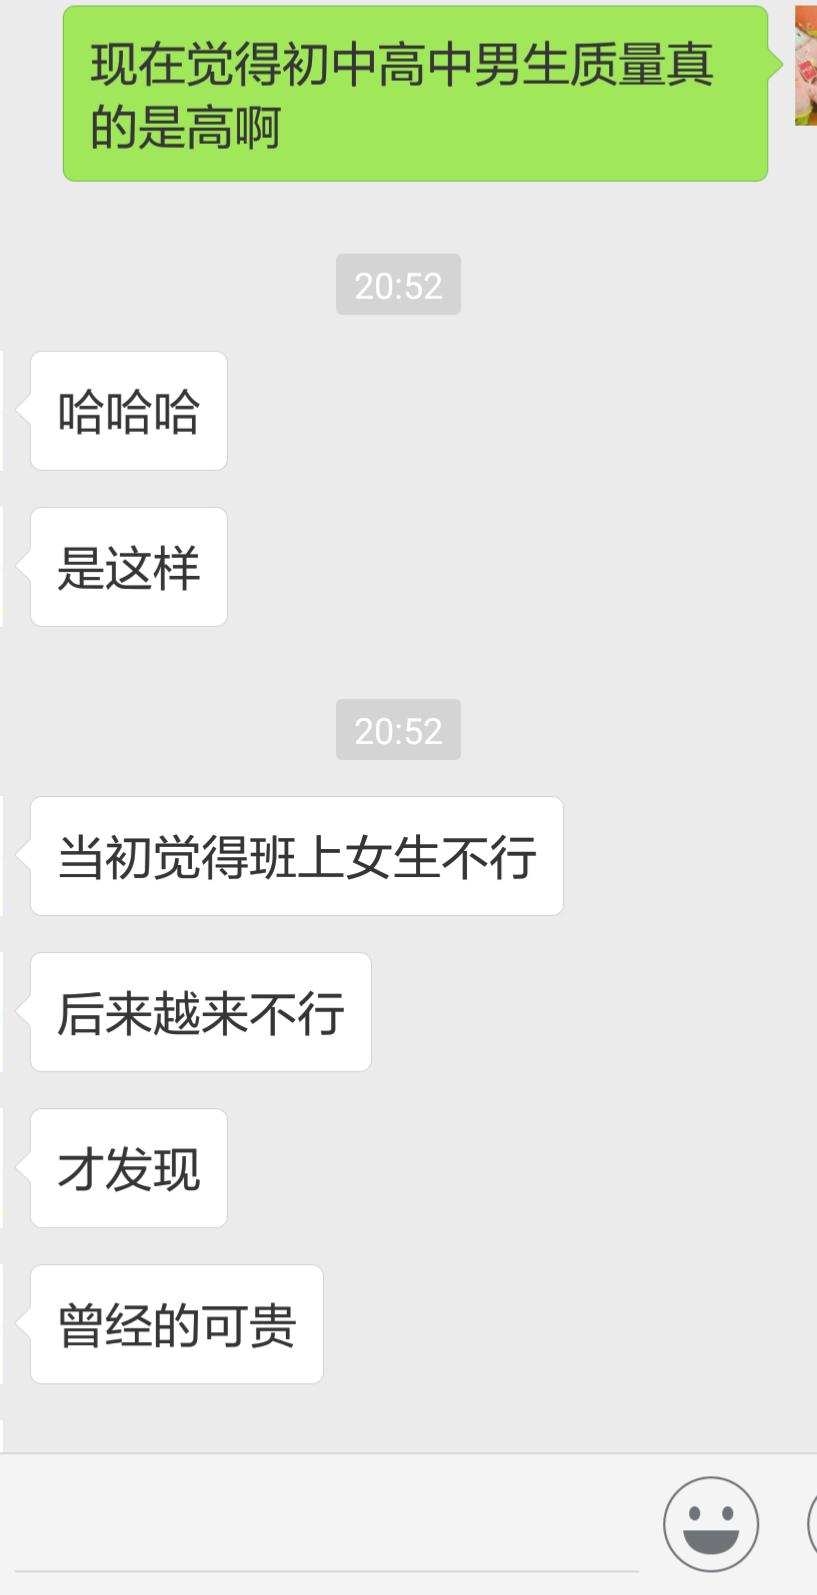 武汉-最新v初中-知乎初中没毕业吗演员能做图片